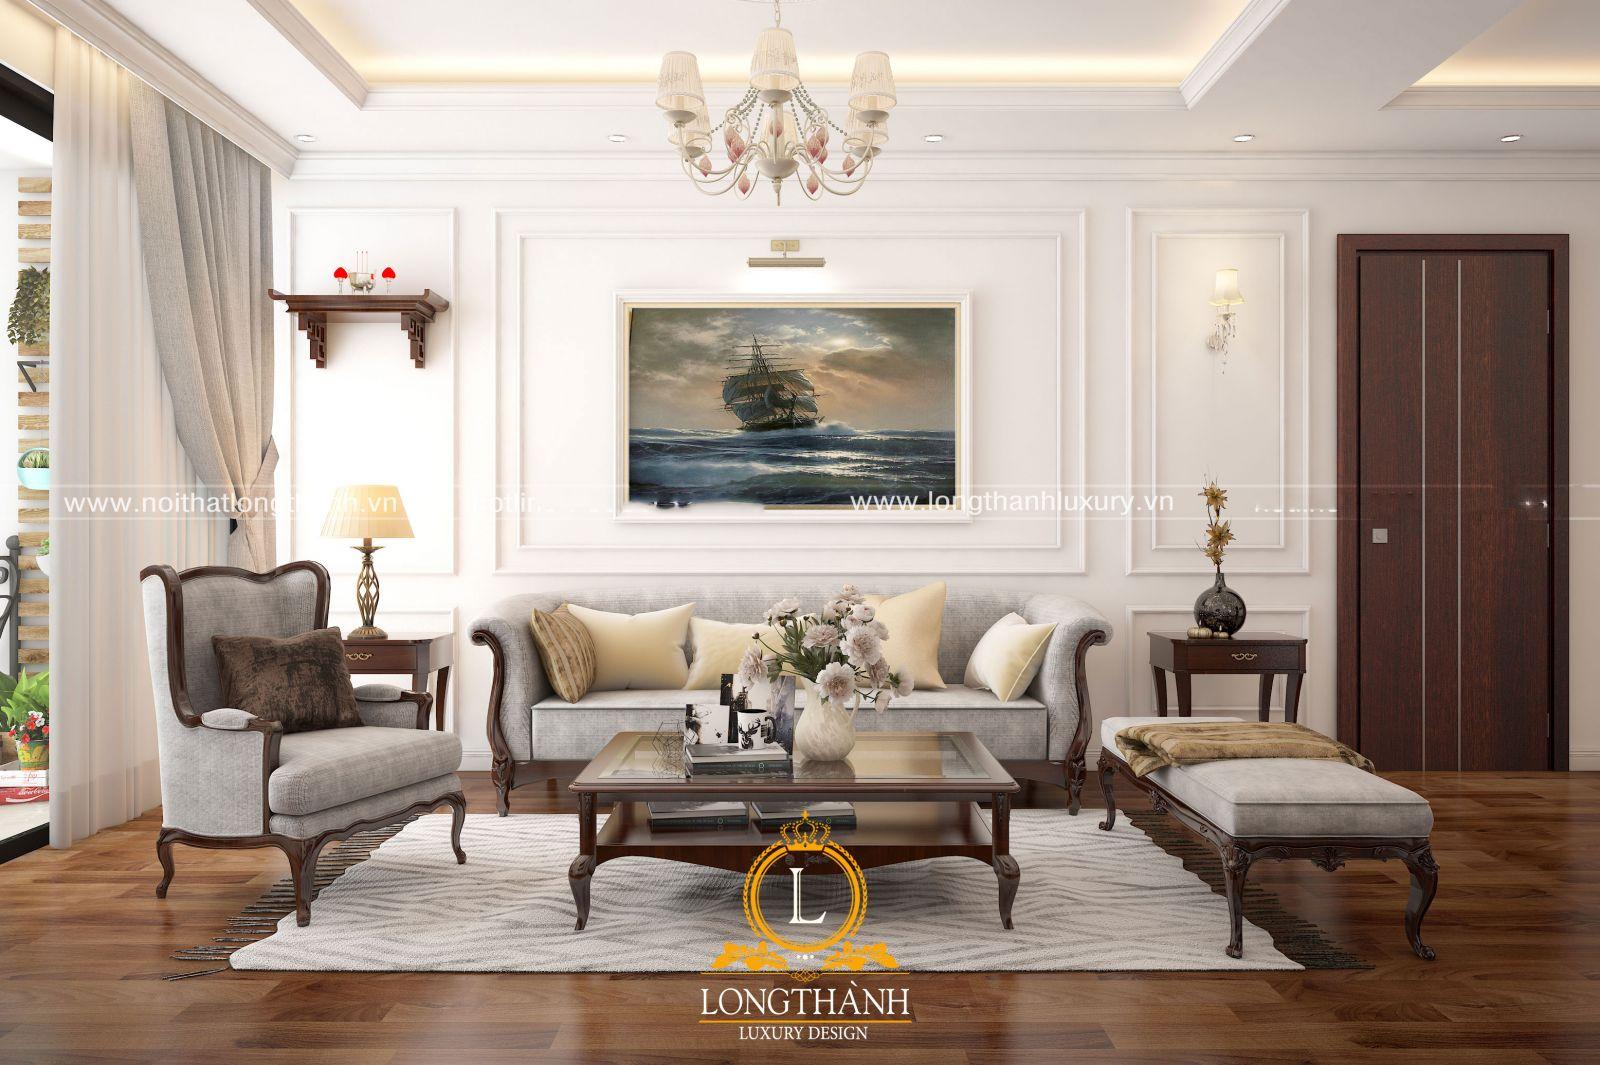 bộ sofa nỉ đẹp với thiết kế đơn giản ấn tượng